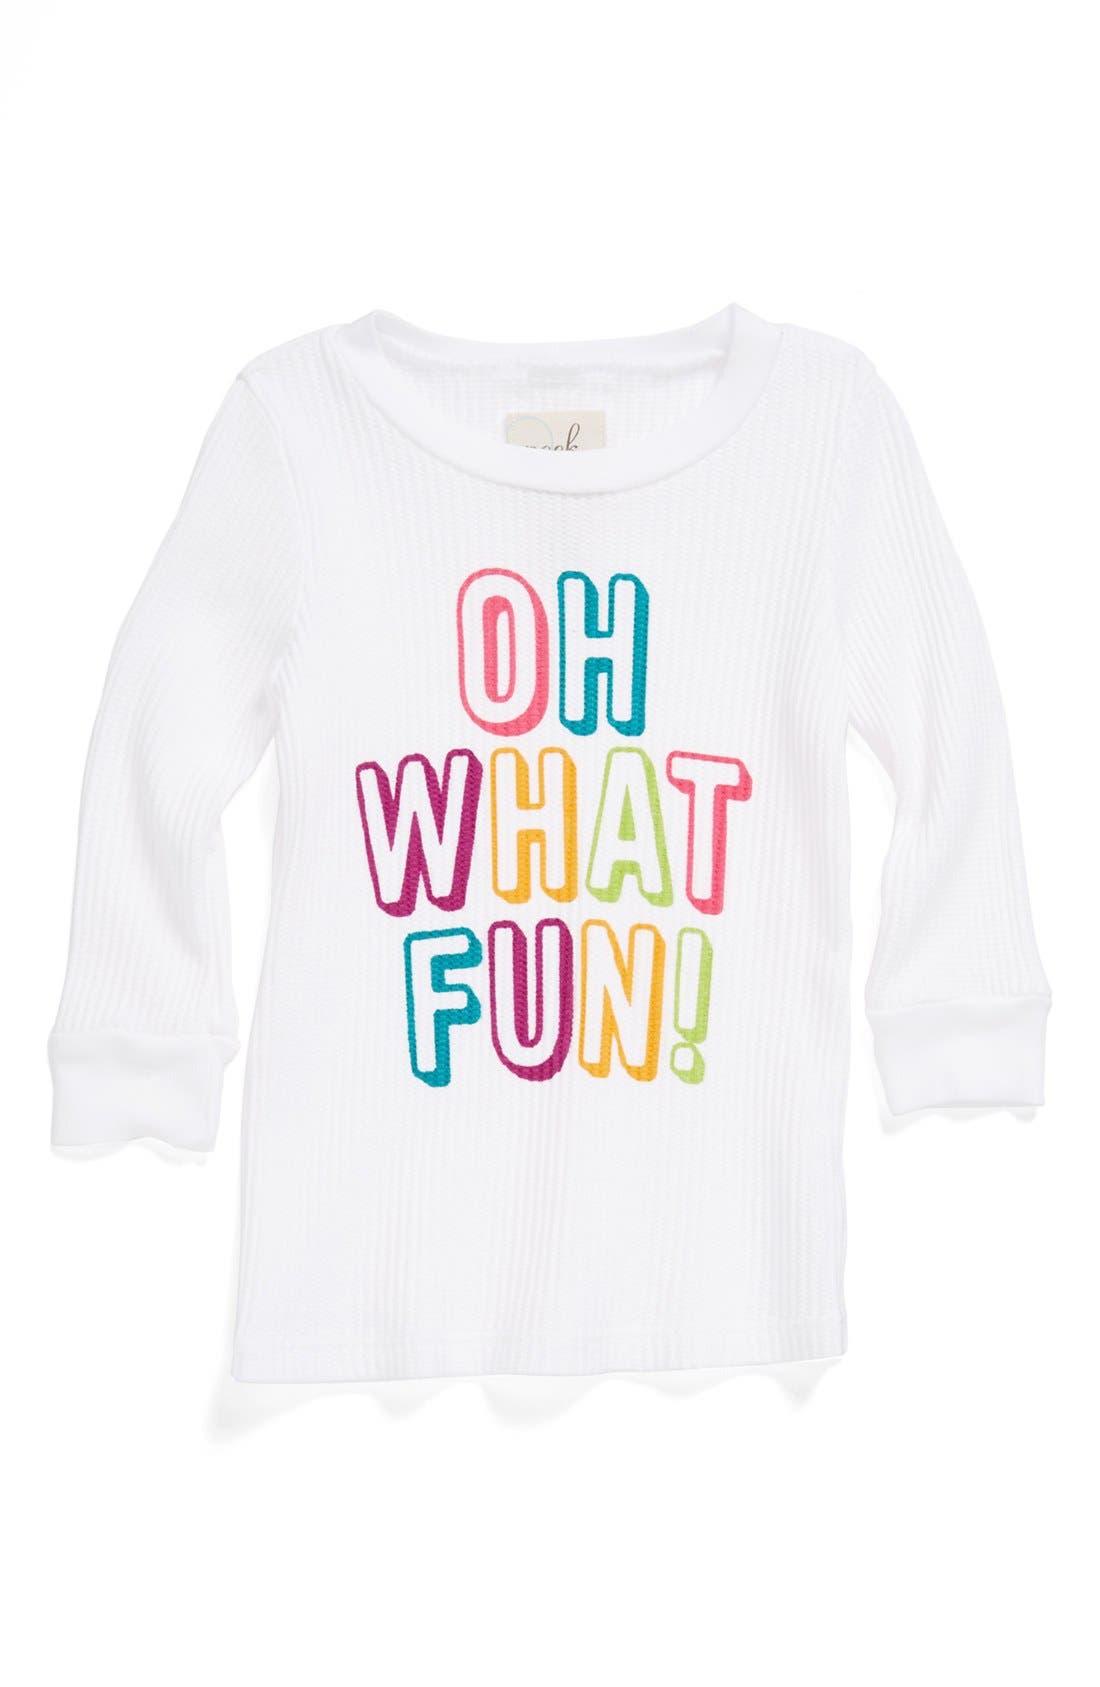 Alternate Image 1 Selected - Peek 'Oh What Fun' Tee (Toddler Girls, Little Girls & Big Girls)